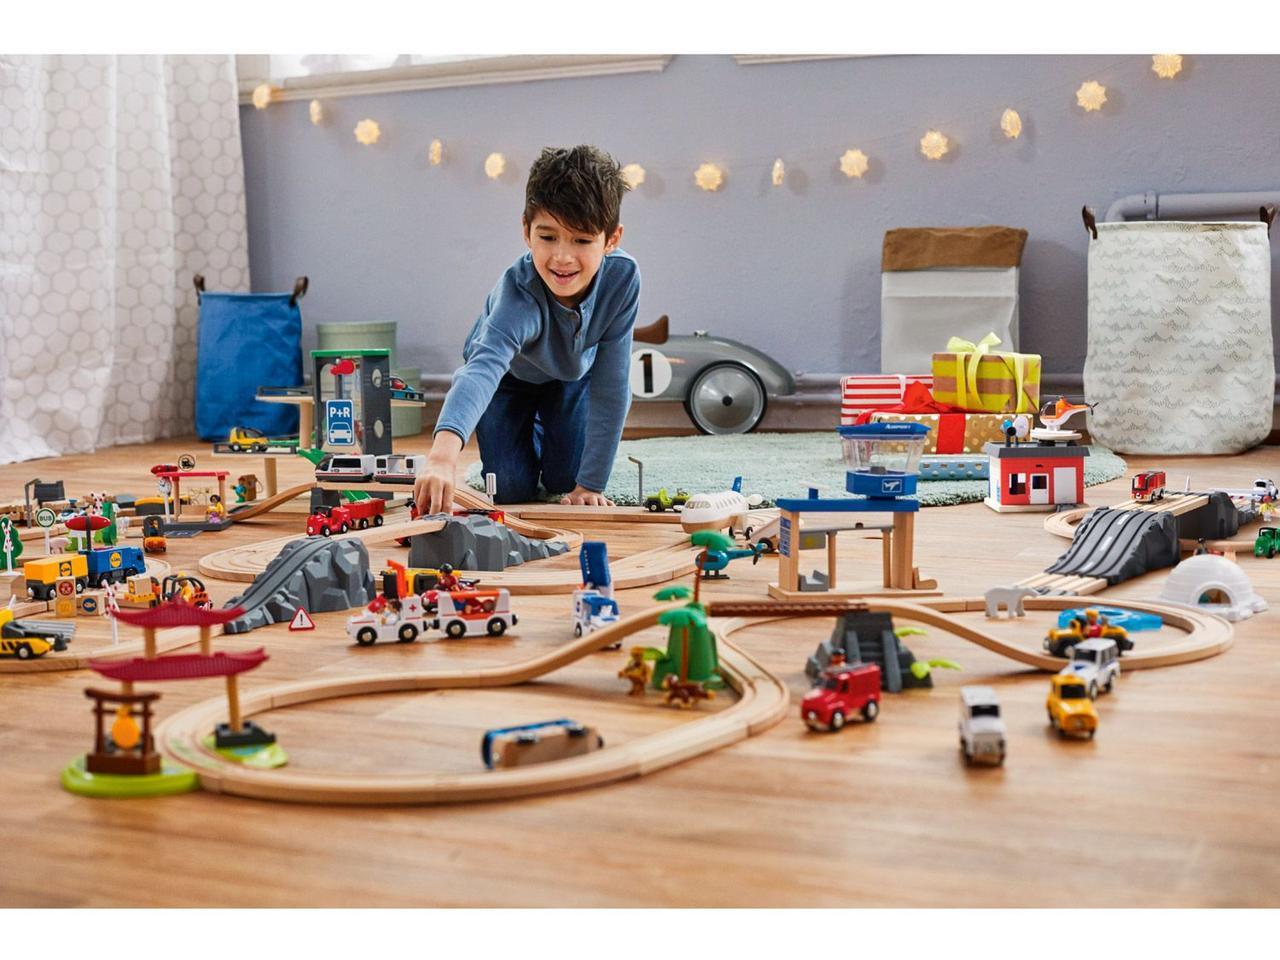 Великий набір дерев'яної залізниці PlayTive Junior (234 деталі) Німеччина